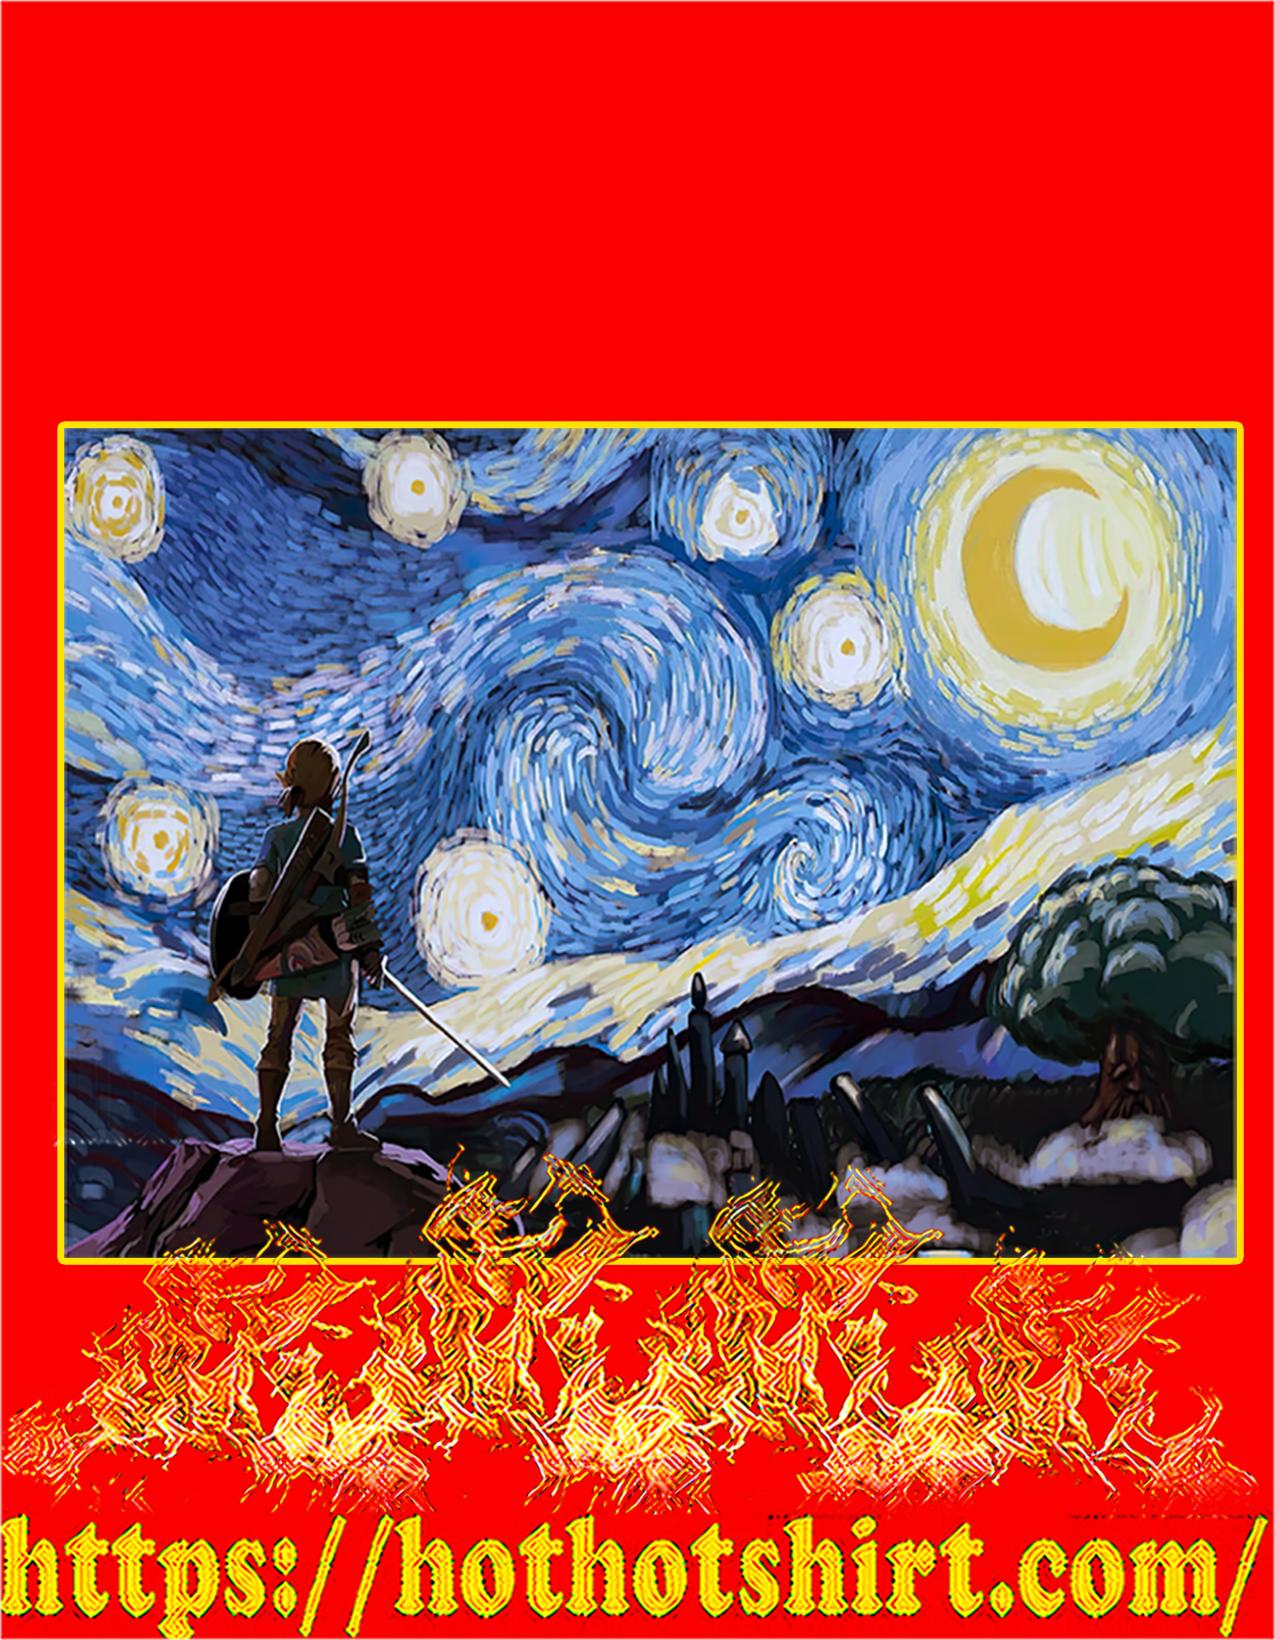 Zelda starry night van gogh poster - A2